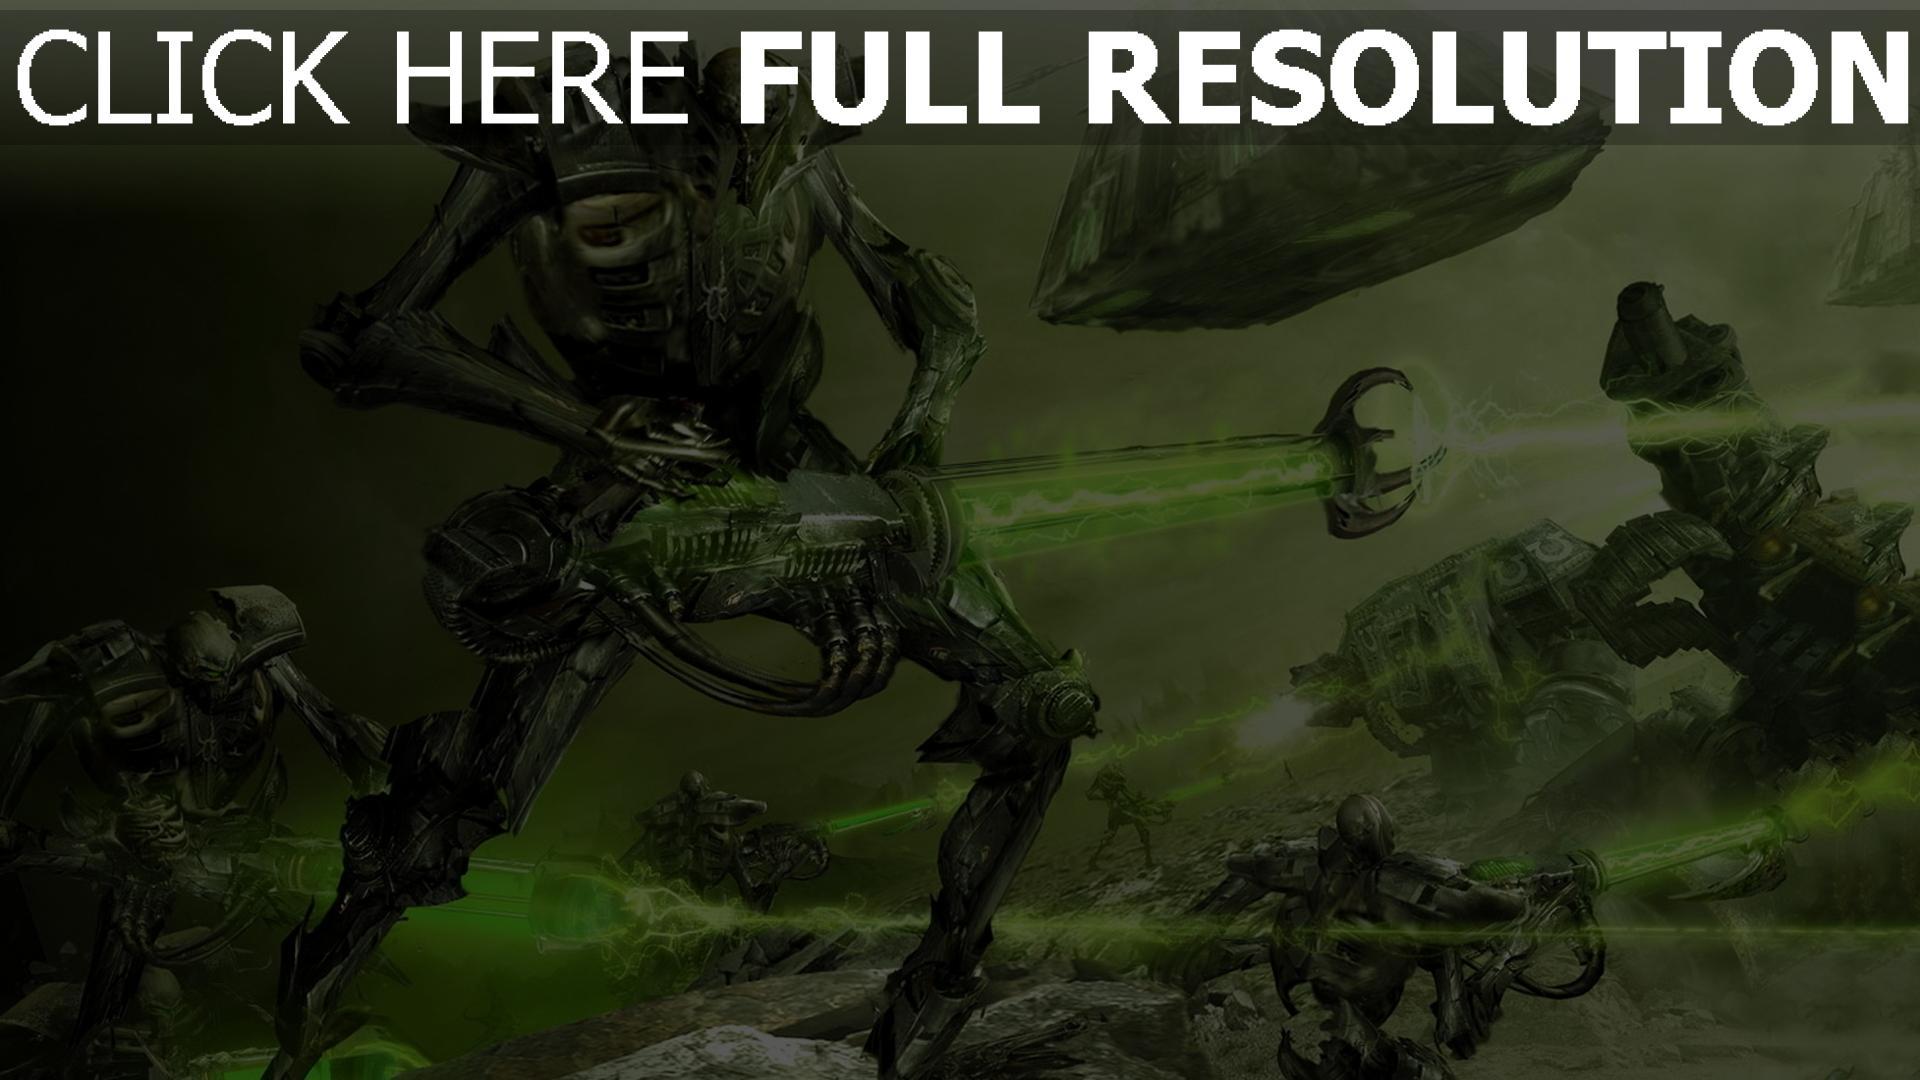 hd hintergrundbilder waffen kampf roboter laser kreatur 1920x1080